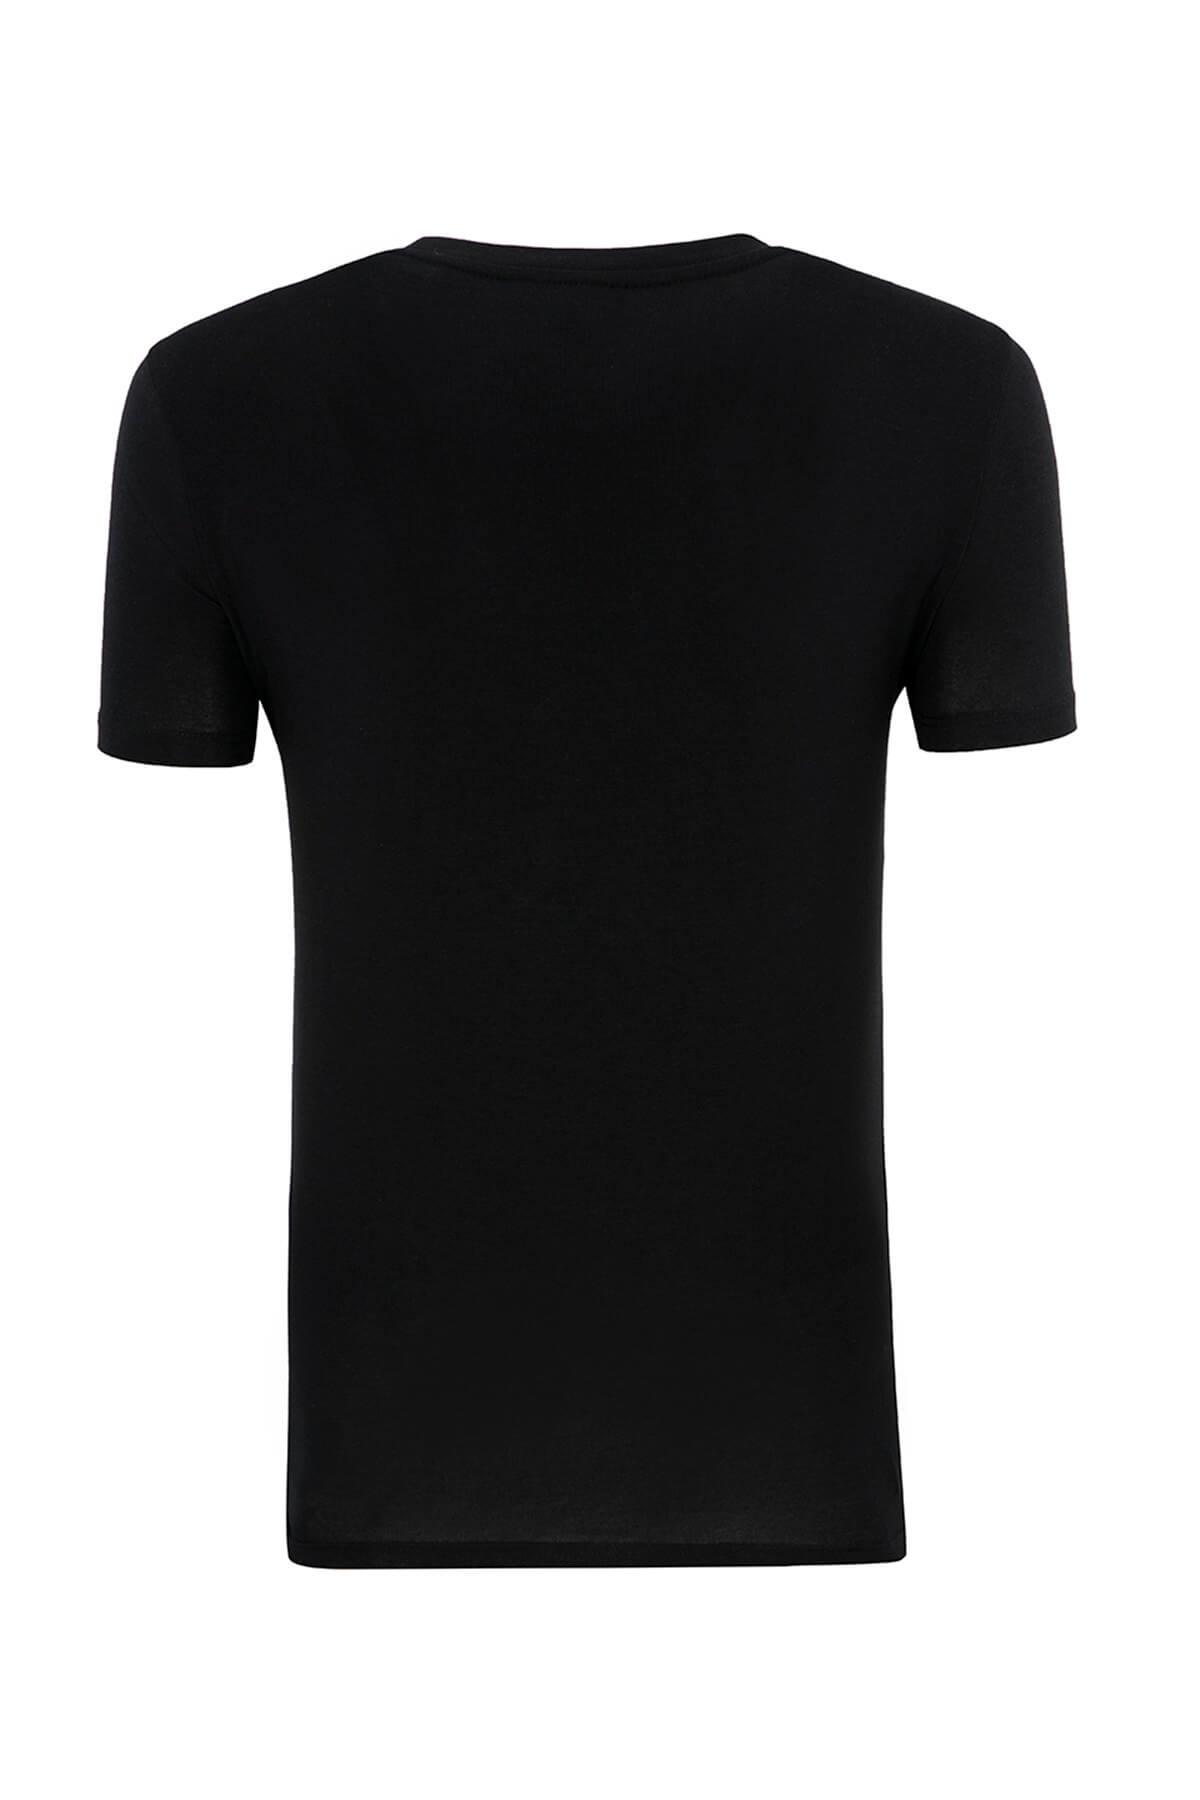 Emporio Armani Siyah Kadın T-Shirt 2